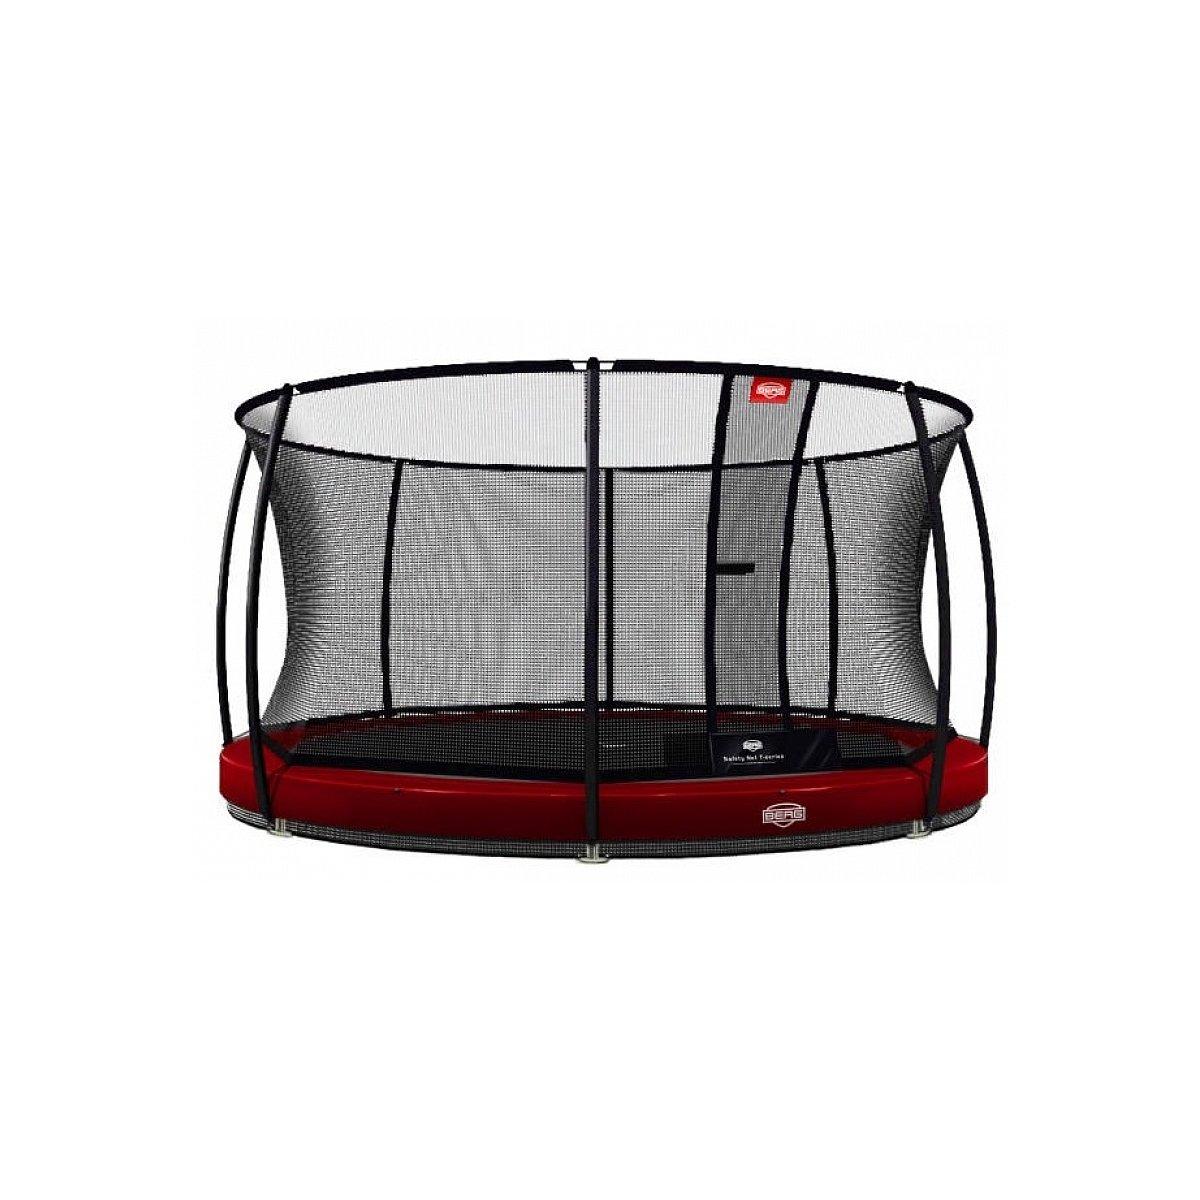 Berg® Trampolin InGround Elite mit Sicherheitsnetz Deluxe, ø 380 cm, Rot